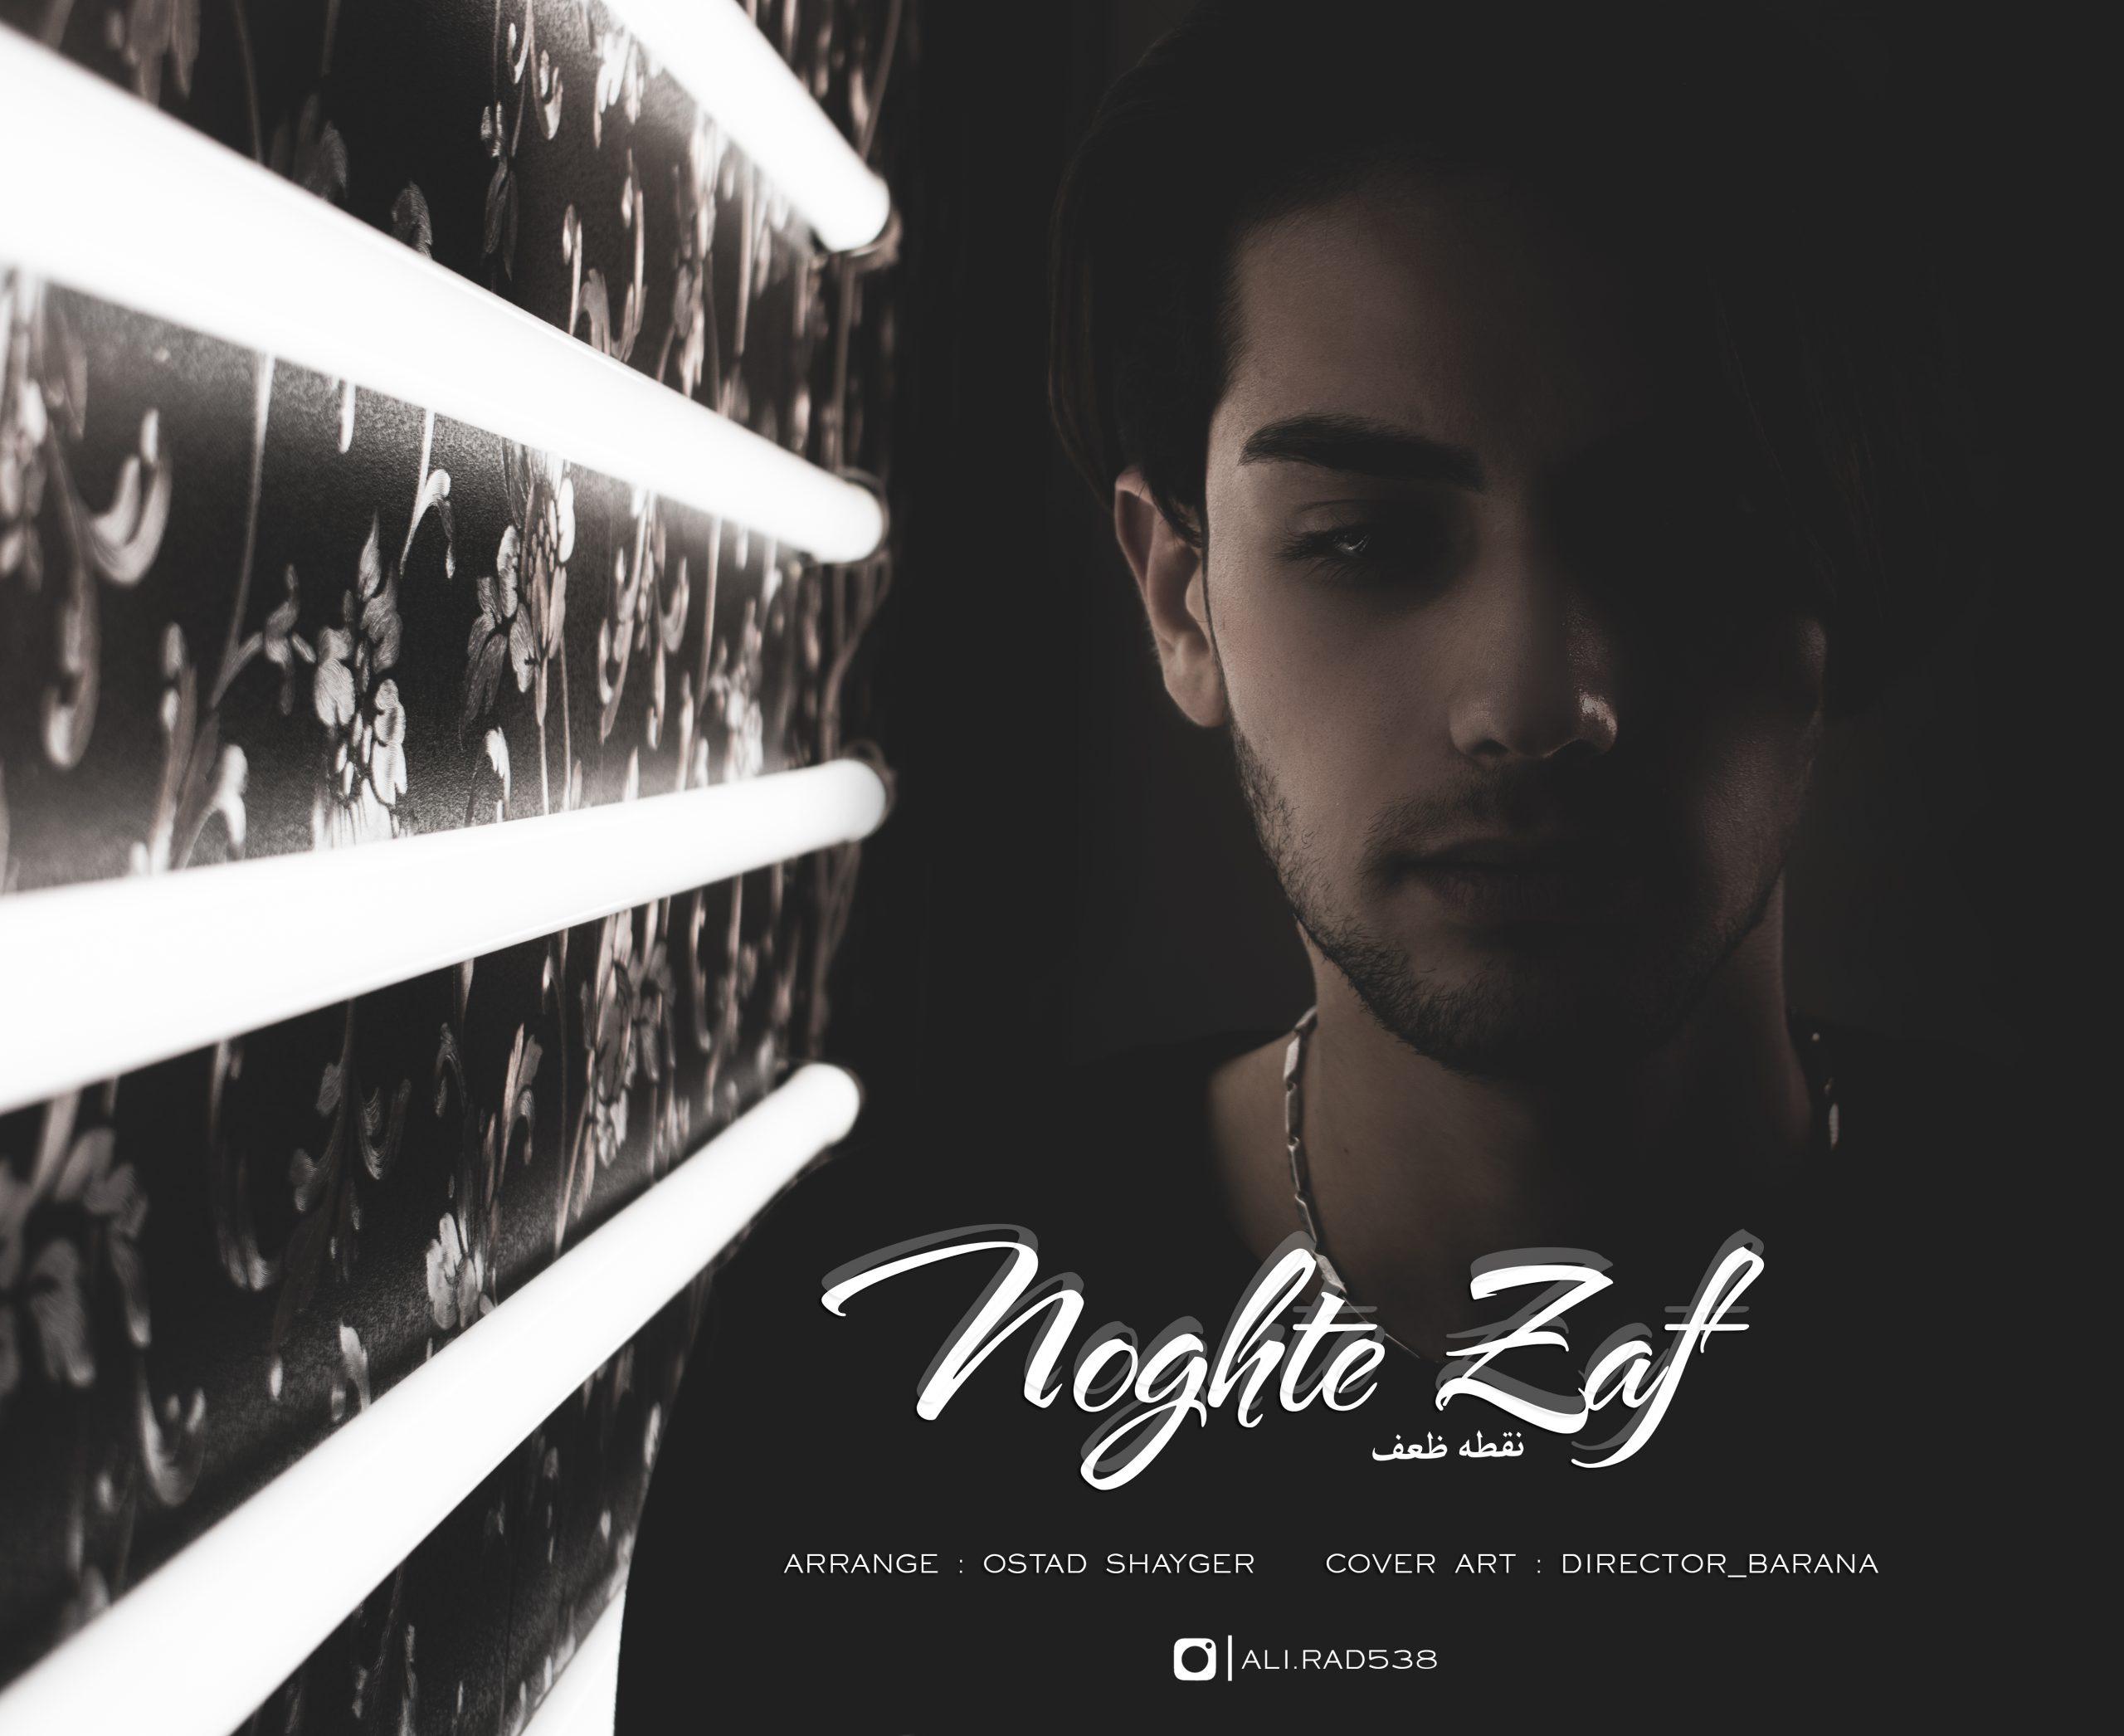 Ali Rad – Noghte Zaf